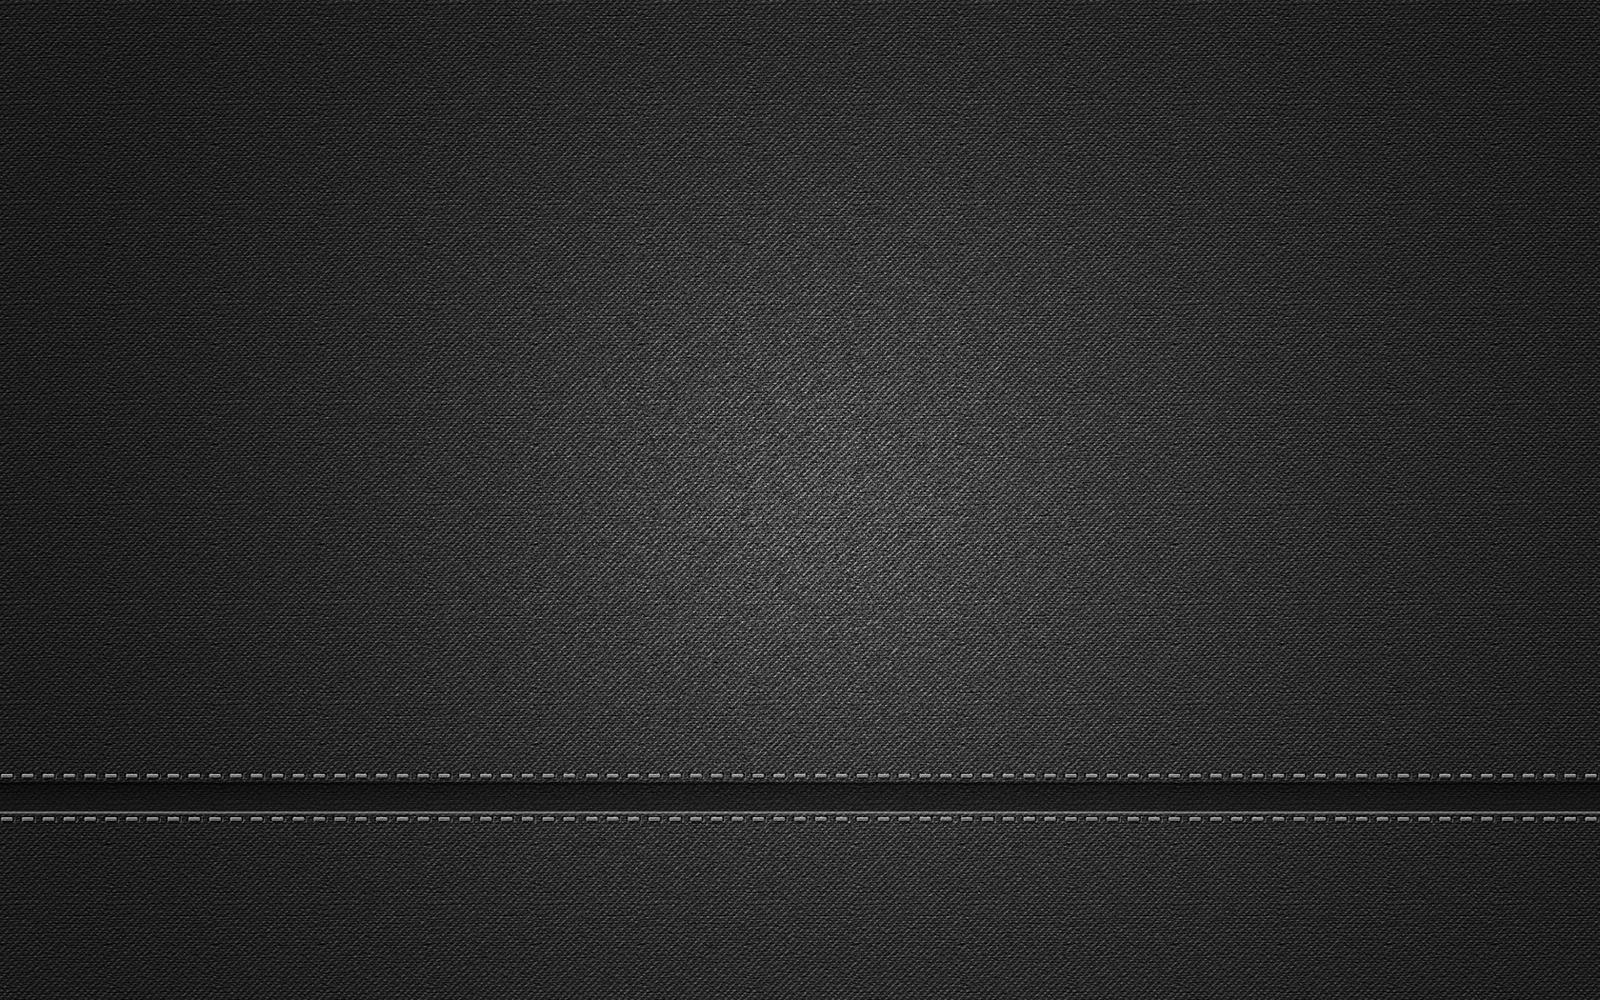 openshot video editor скачать бесплатно для виндовс